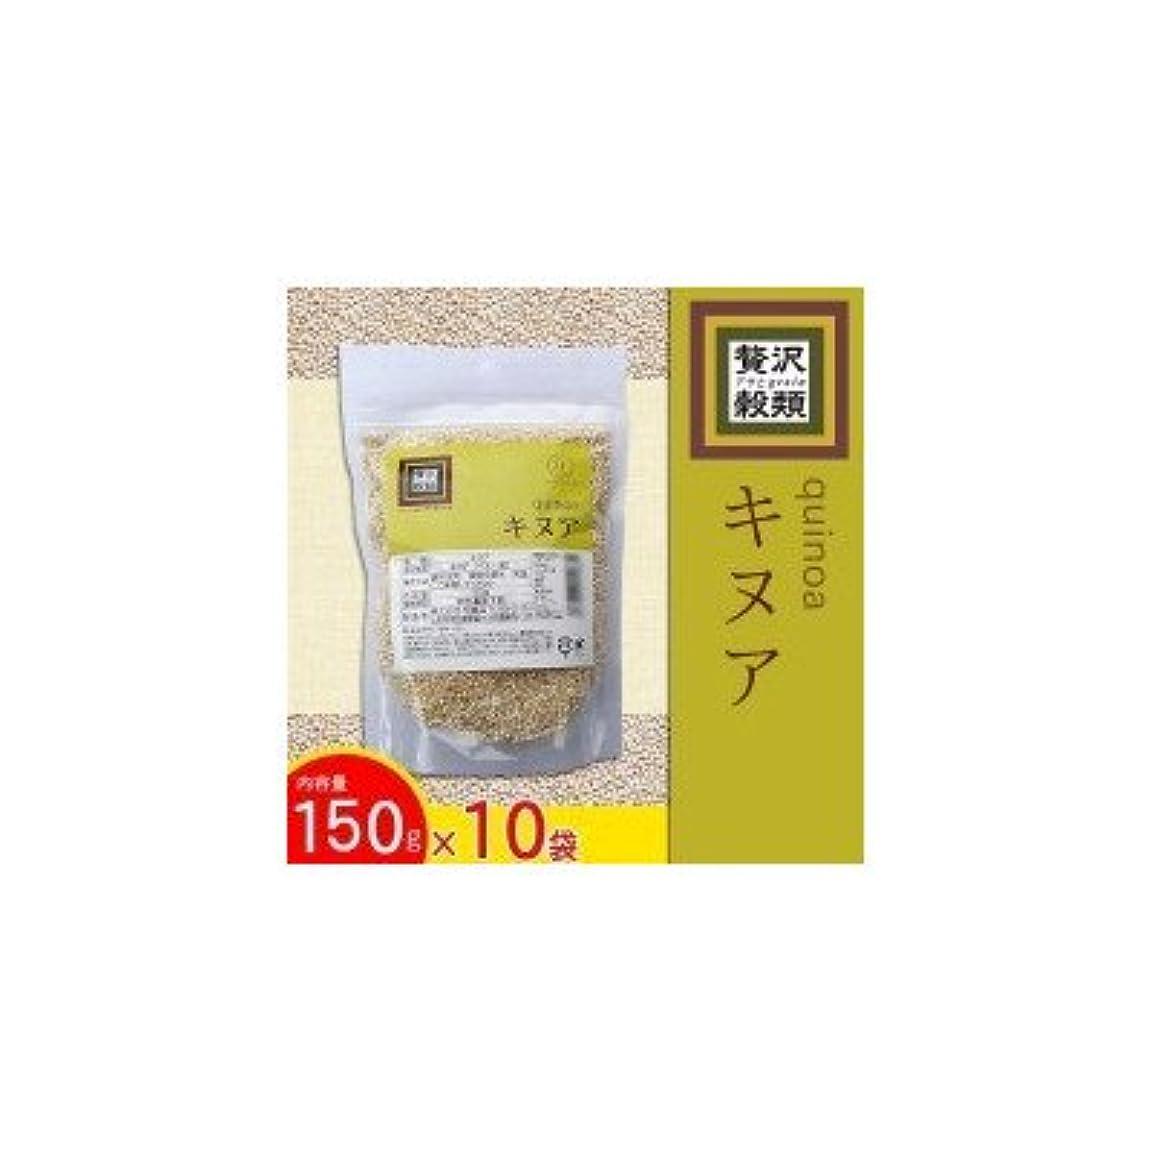 著名なゆでる最初贅沢穀類 キヌア 150g×10袋